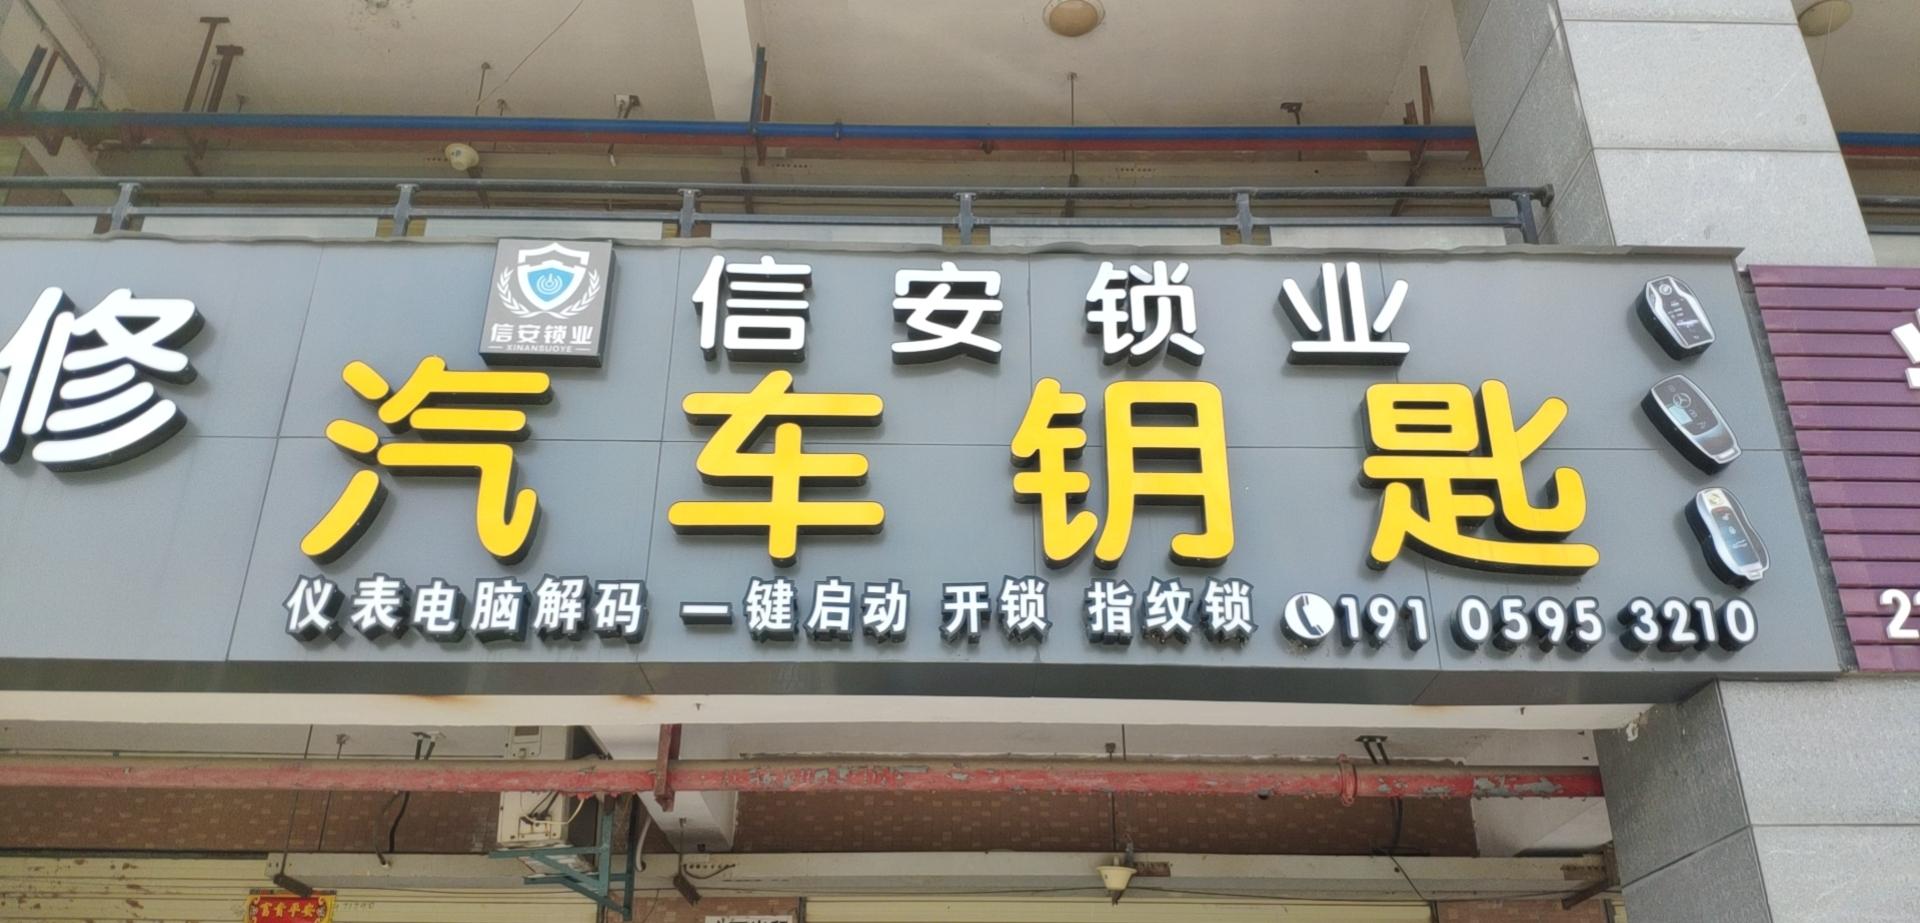 晋江开锁公司的服务标准是什么?怎样才算是专业?